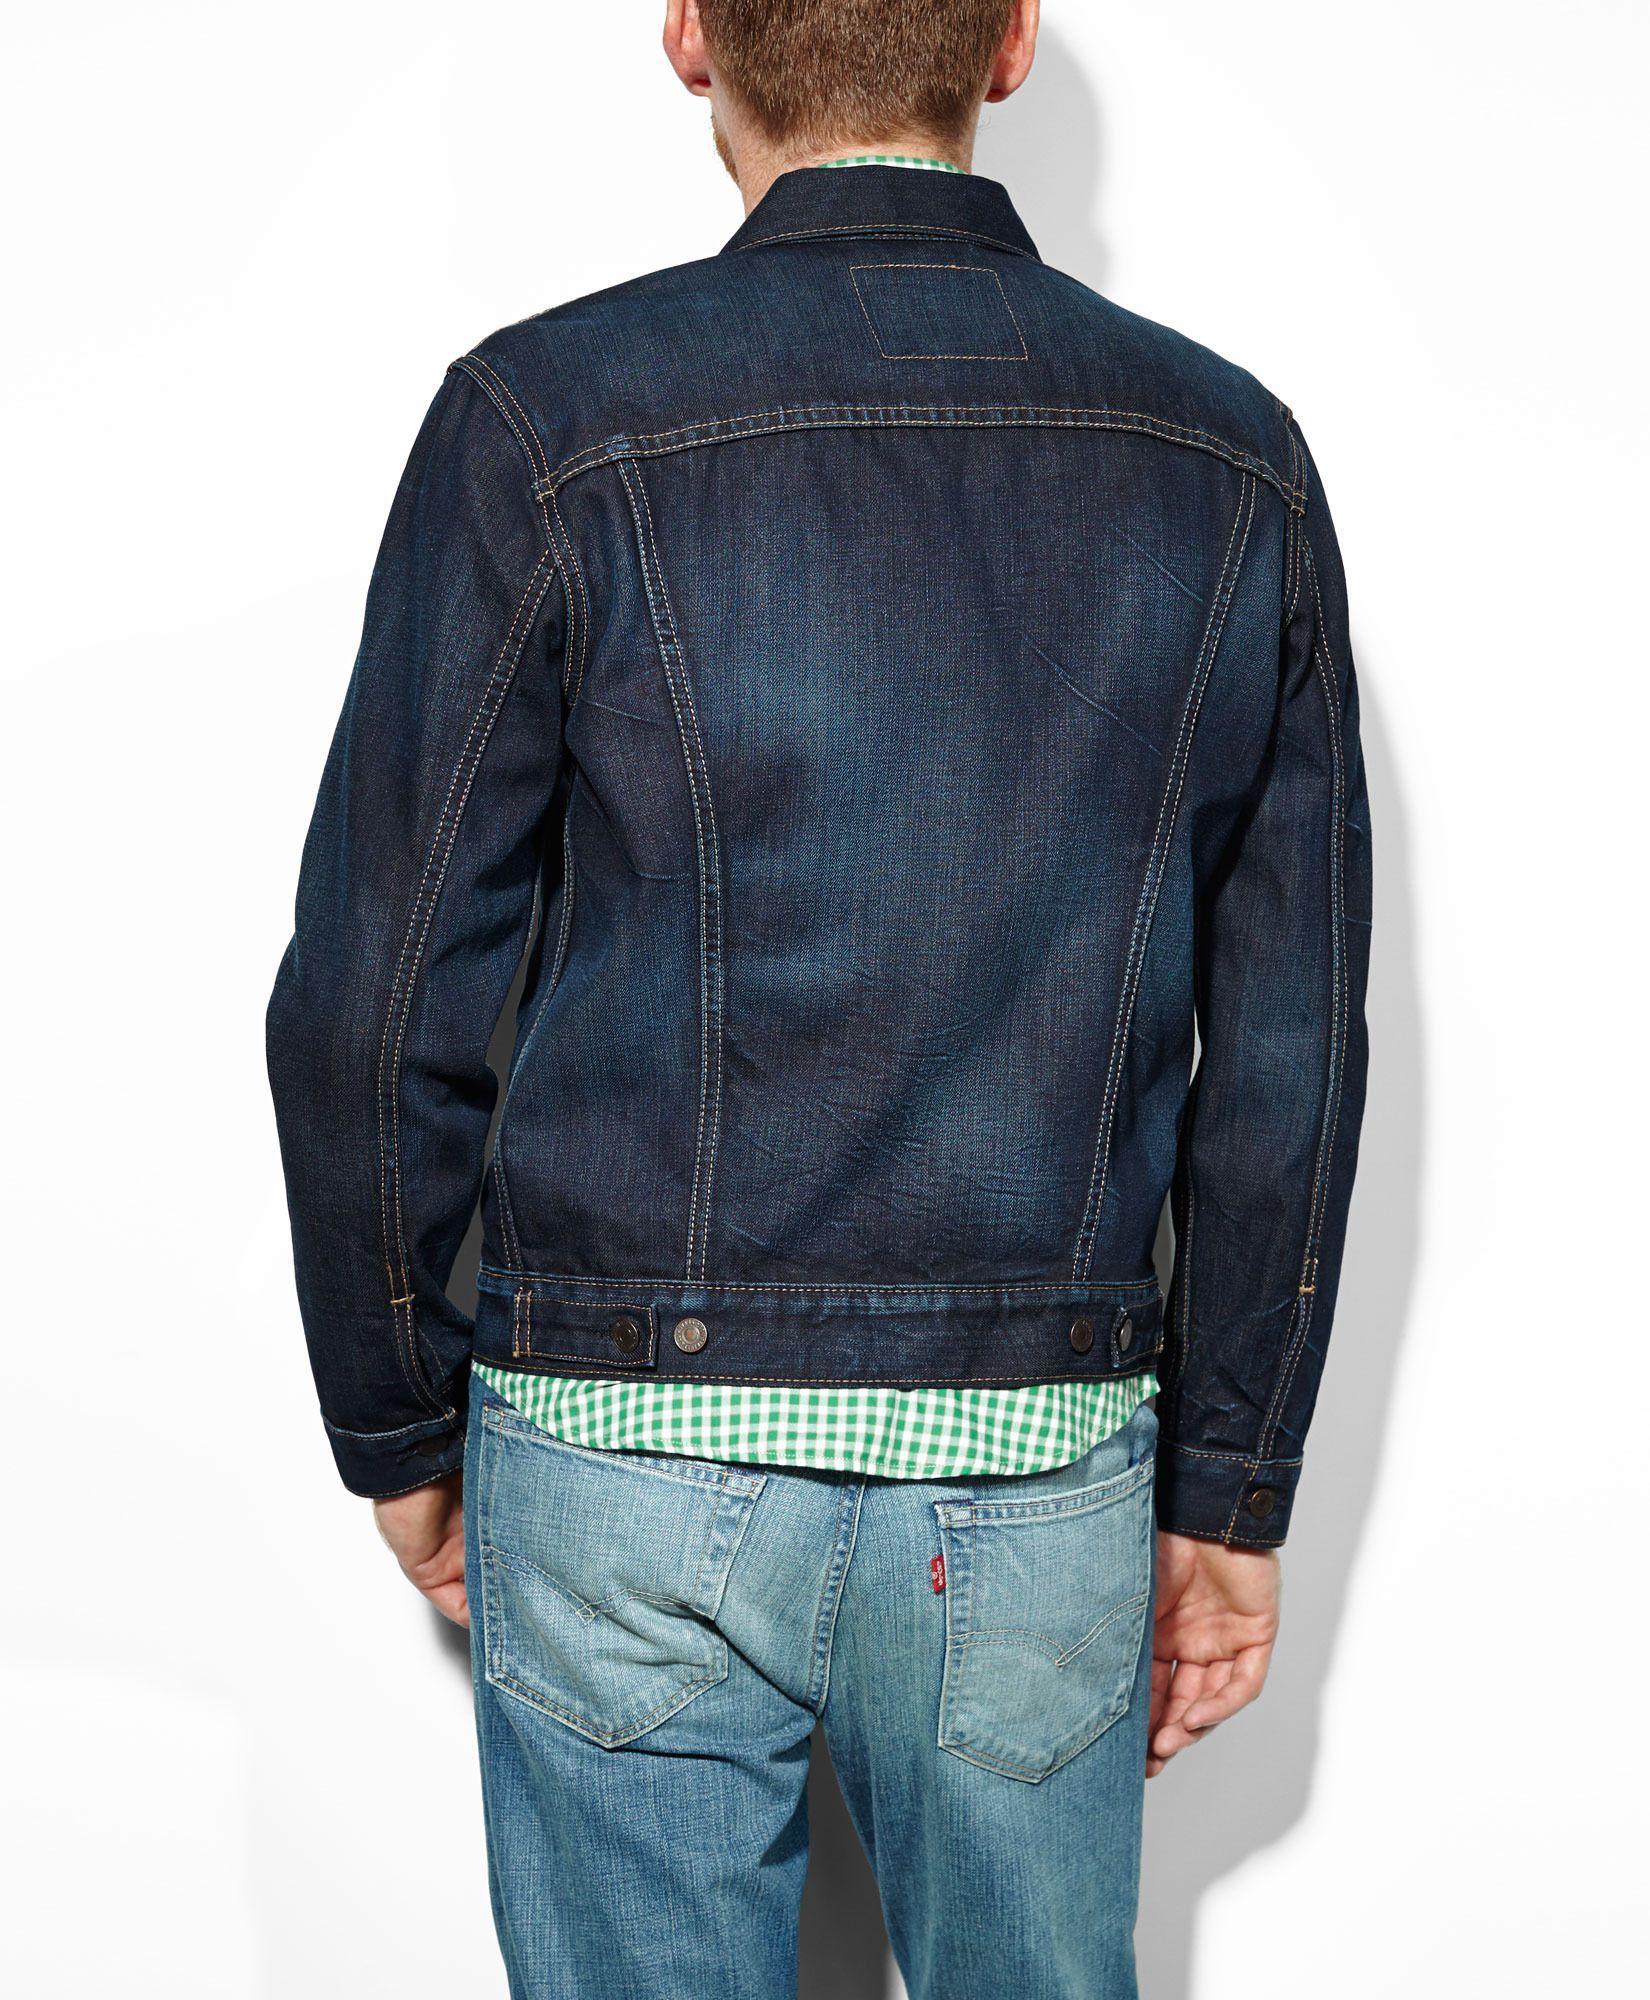 Classic! Levi's Slim Fit Trucker Jacket